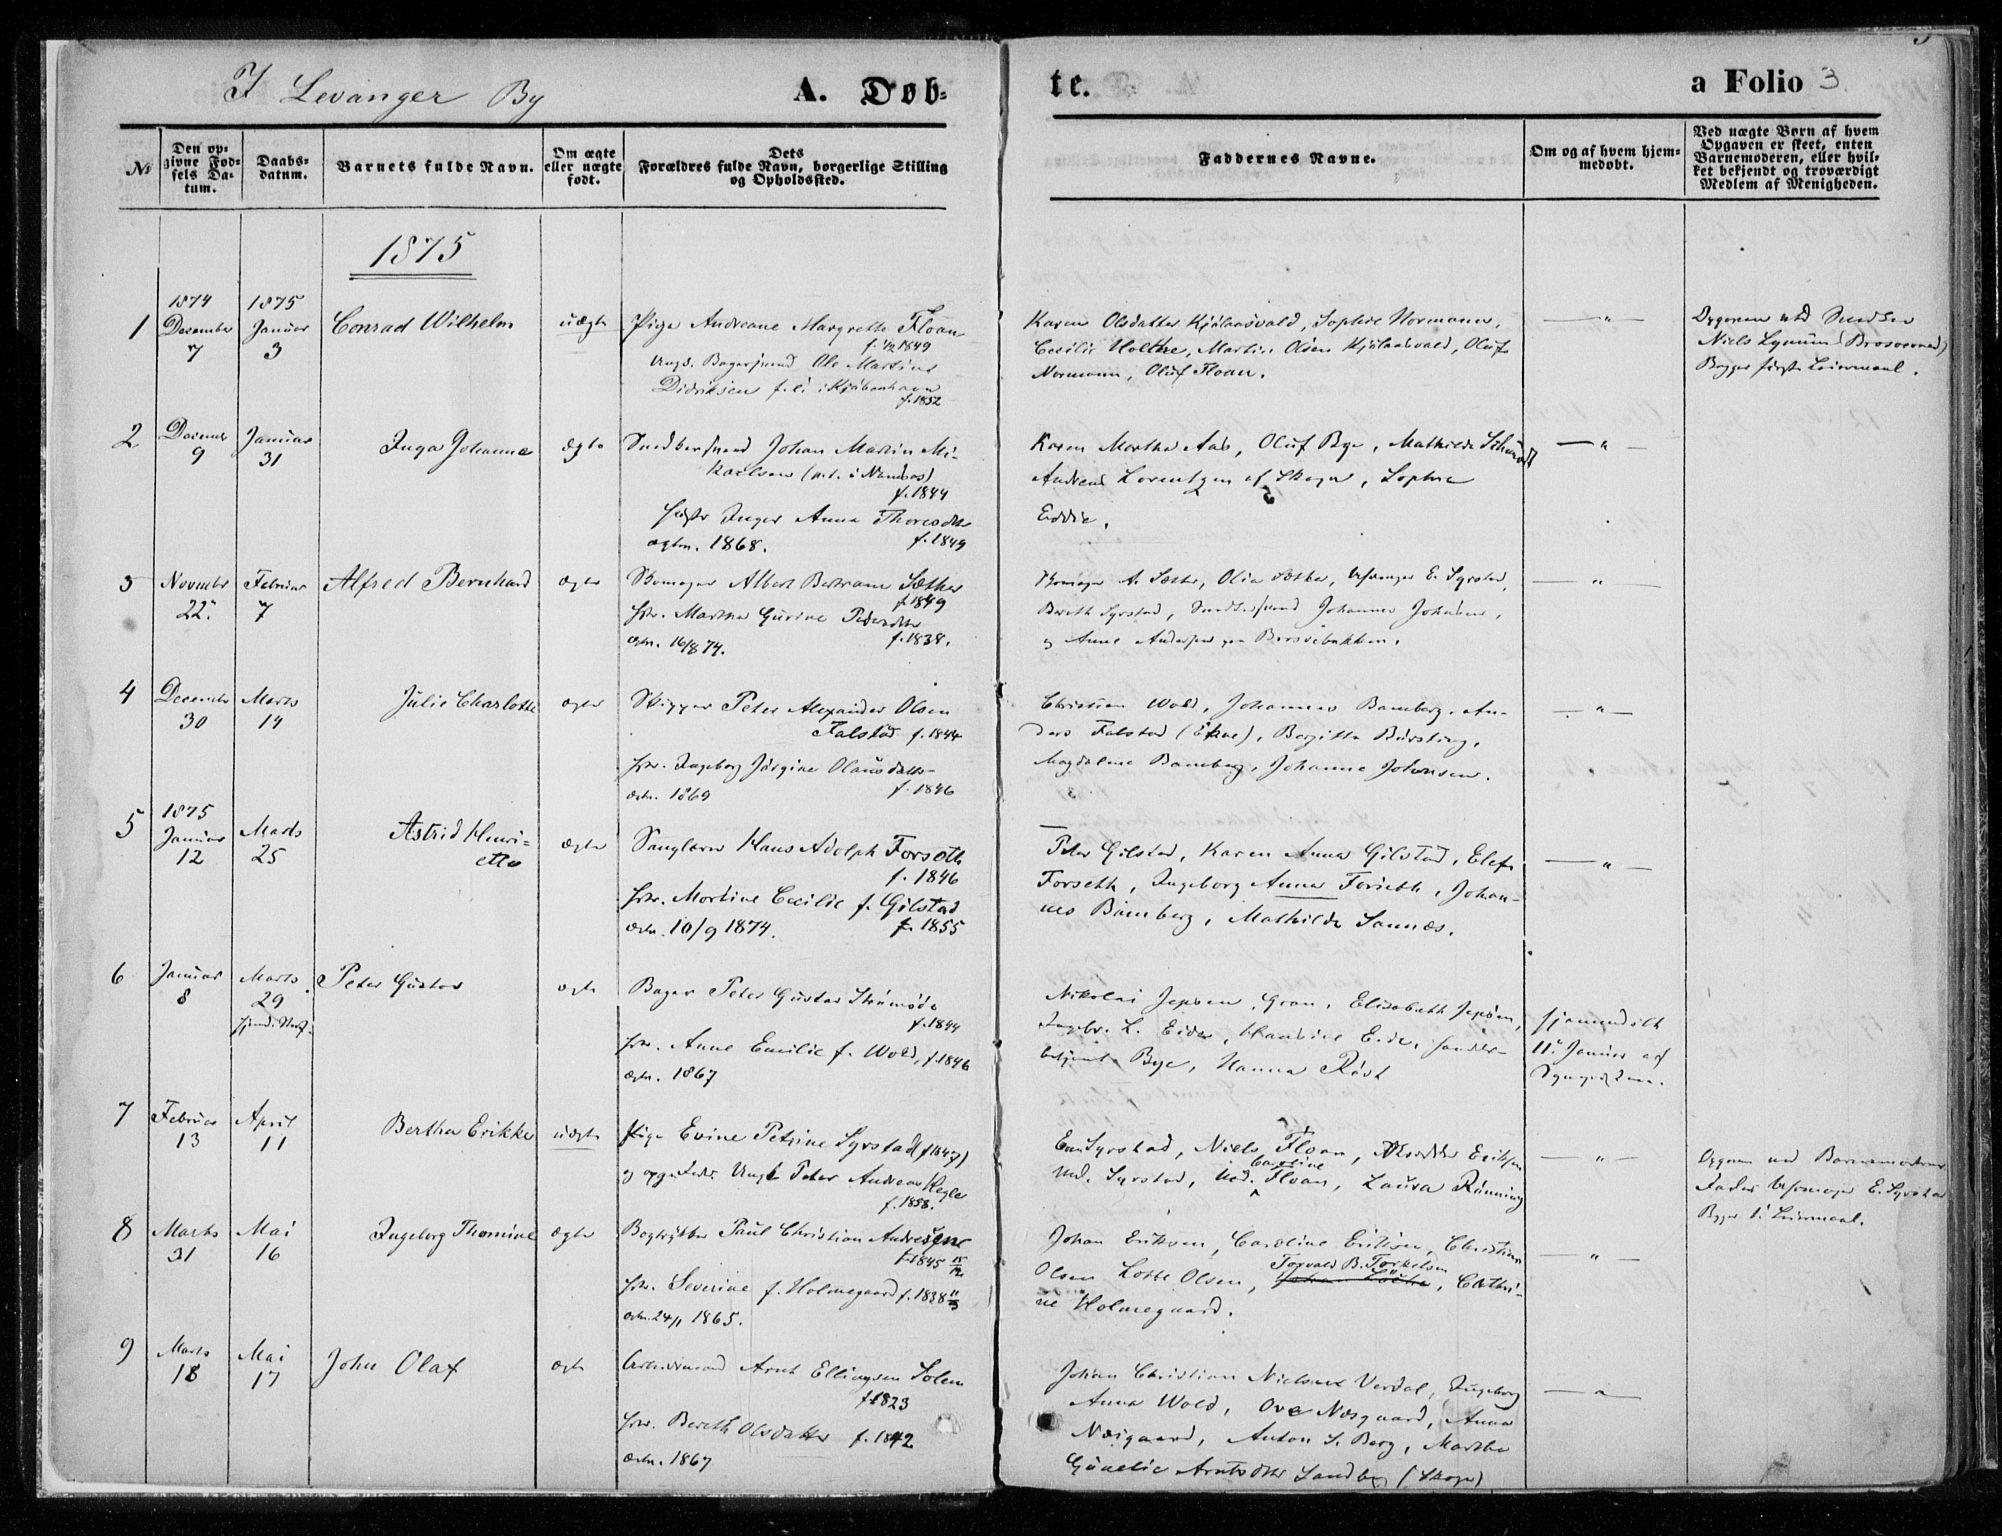 SAT, Ministerialprotokoller, klokkerbøker og fødselsregistre - Nord-Trøndelag, 720/L0187: Ministerialbok nr. 720A04 /1, 1875-1879, s. 3